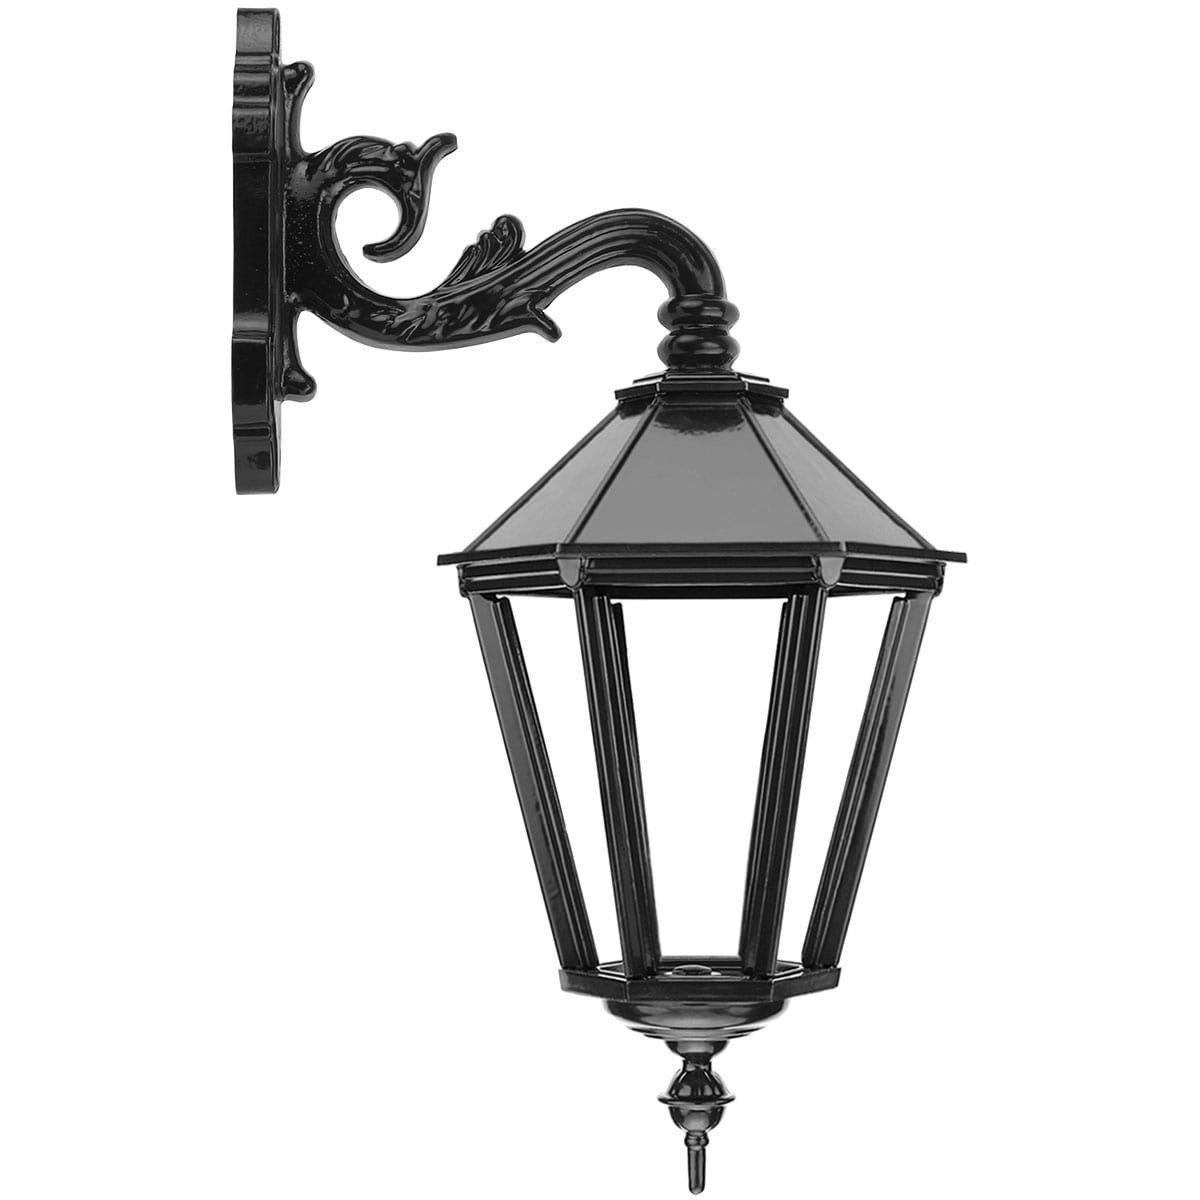 Außenbeleuchtung Klassisch Ländlich Zaunleuchte hängen Akmarijp - 70 cm